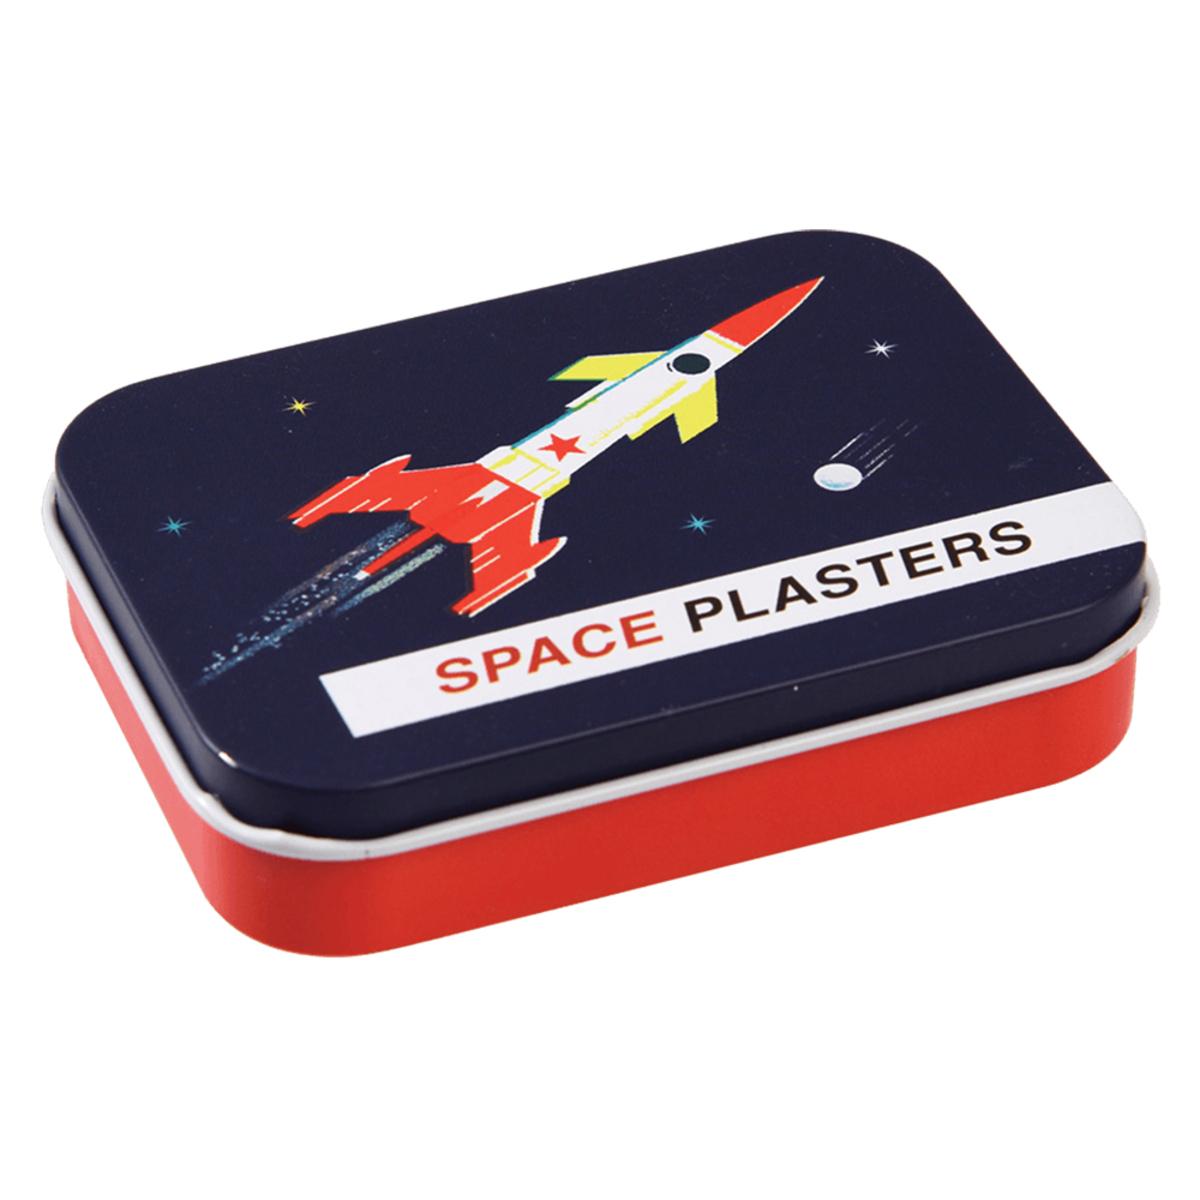 Soins enfant Boîte de Pansements - Space Age Boîte de Pansements - Space Age